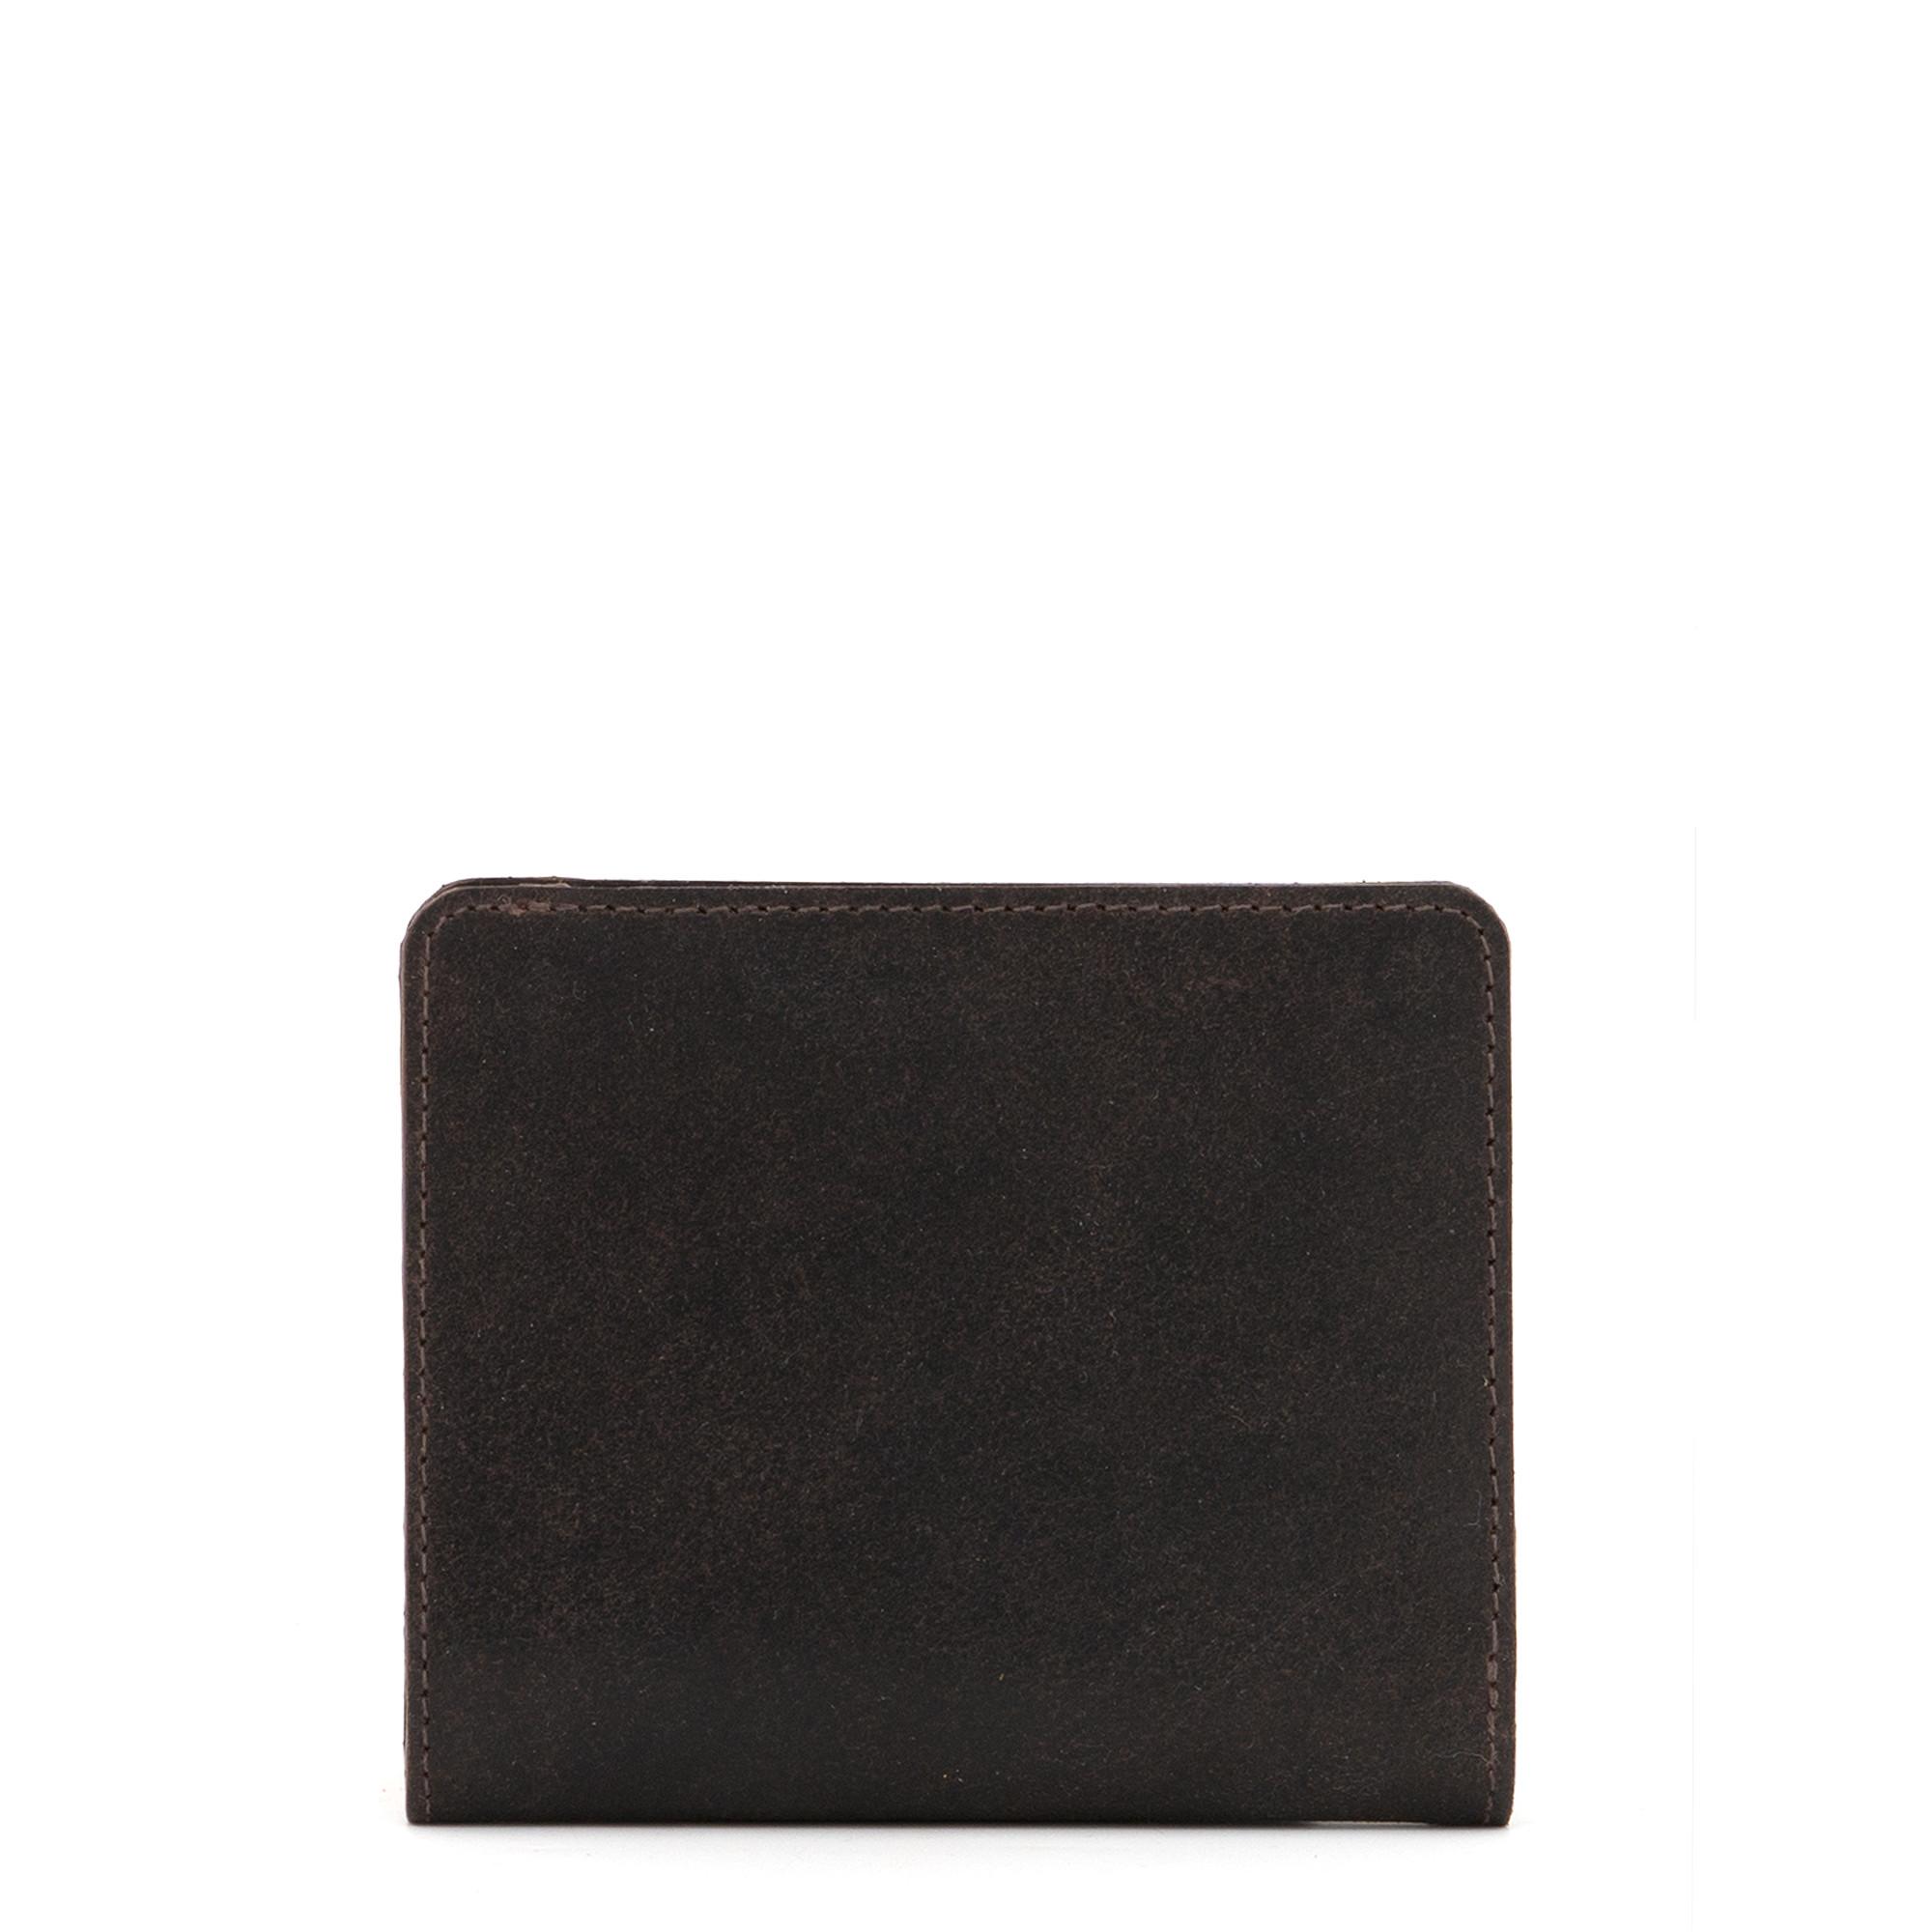 Mini dámská kožená peněženka z pravé kůže Yoshi tmavě hnědá